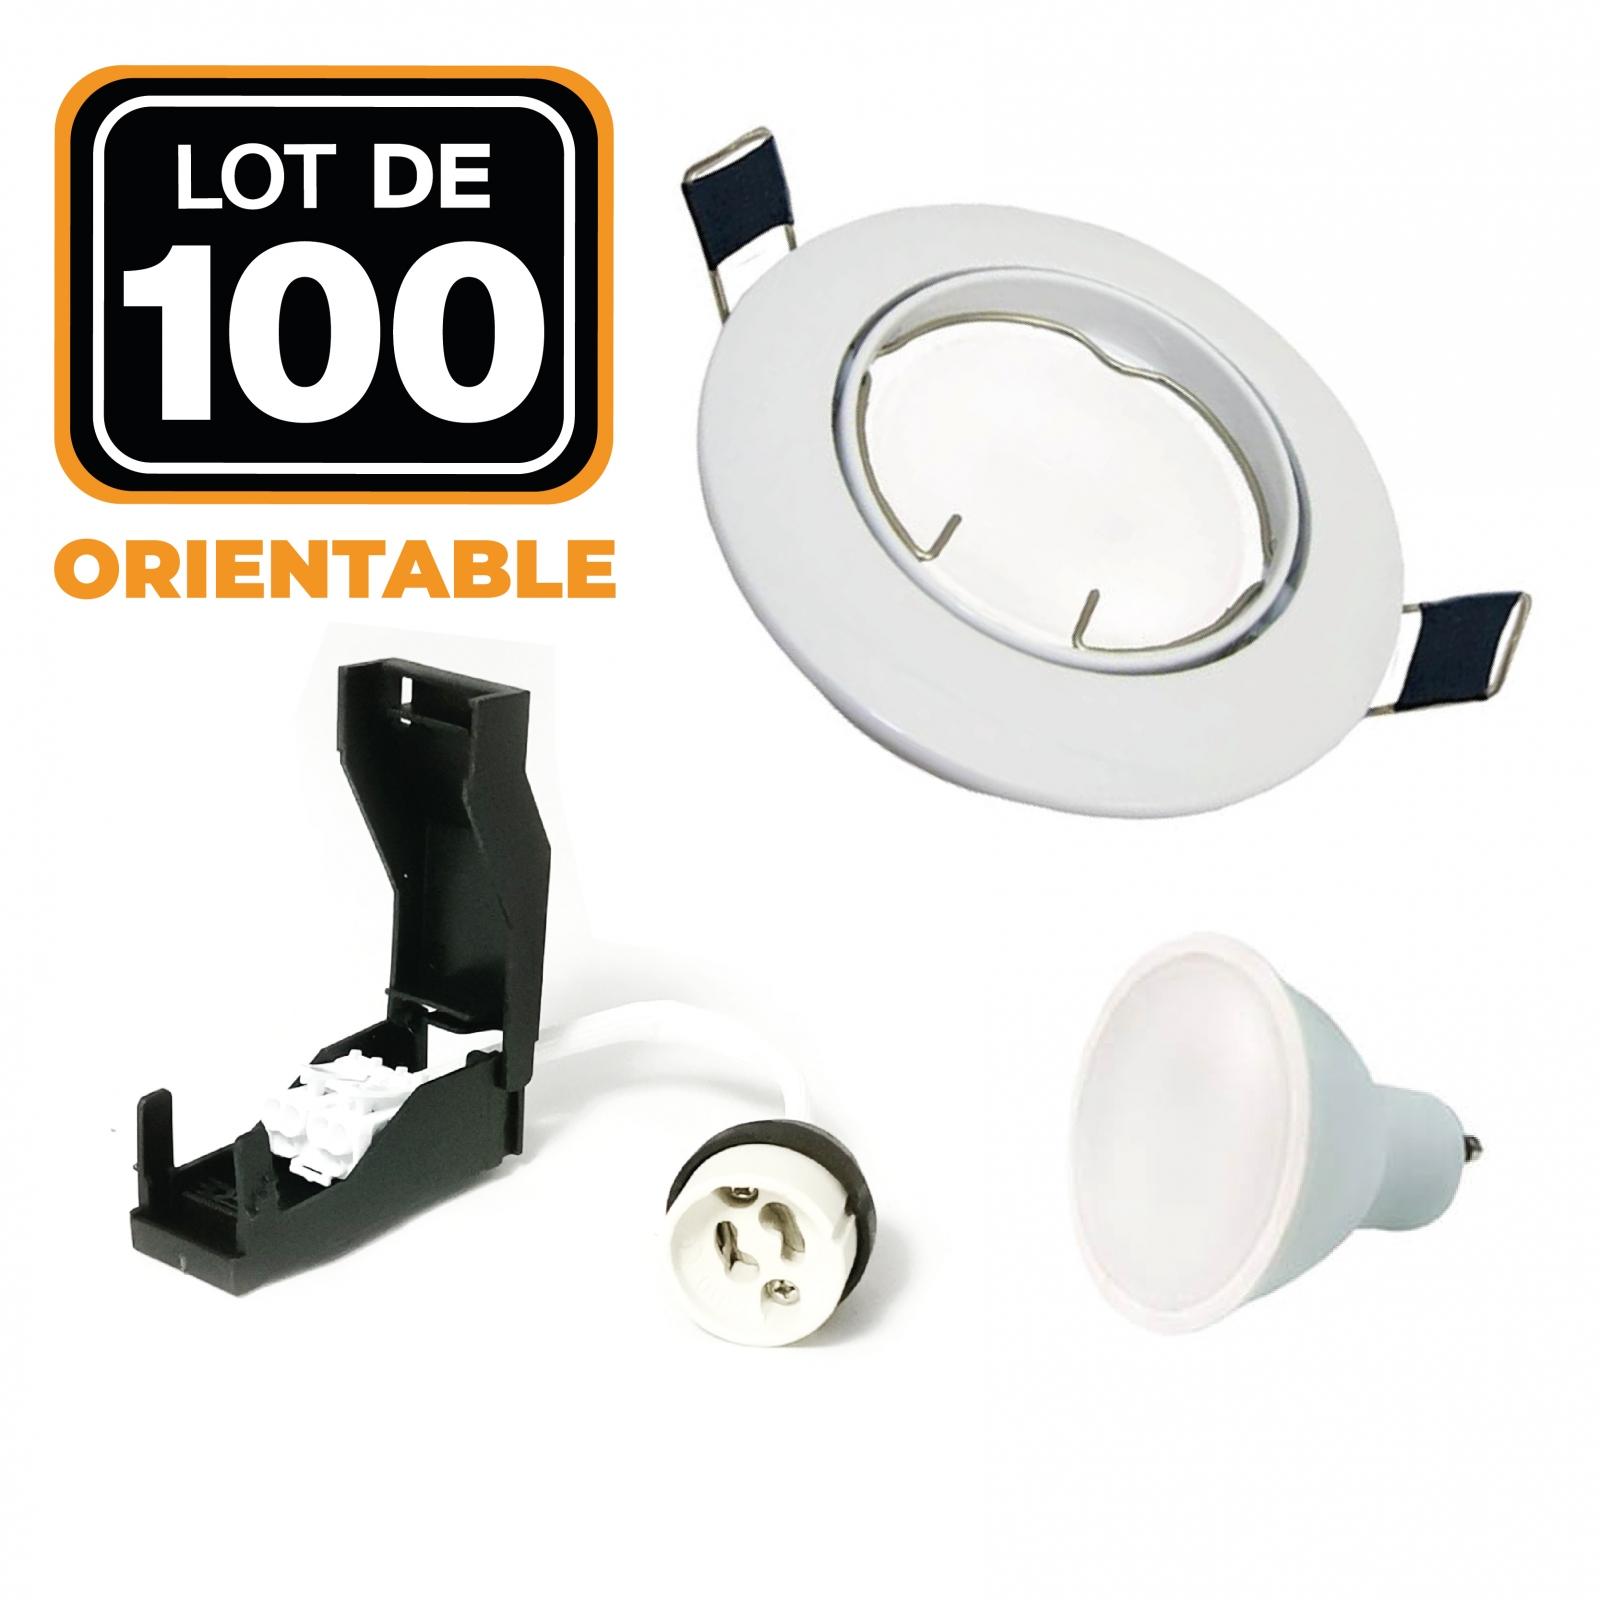 Lot de 100 Spots encastrable orientable BLANC avec GU10 LED de 7W eqv. 56W